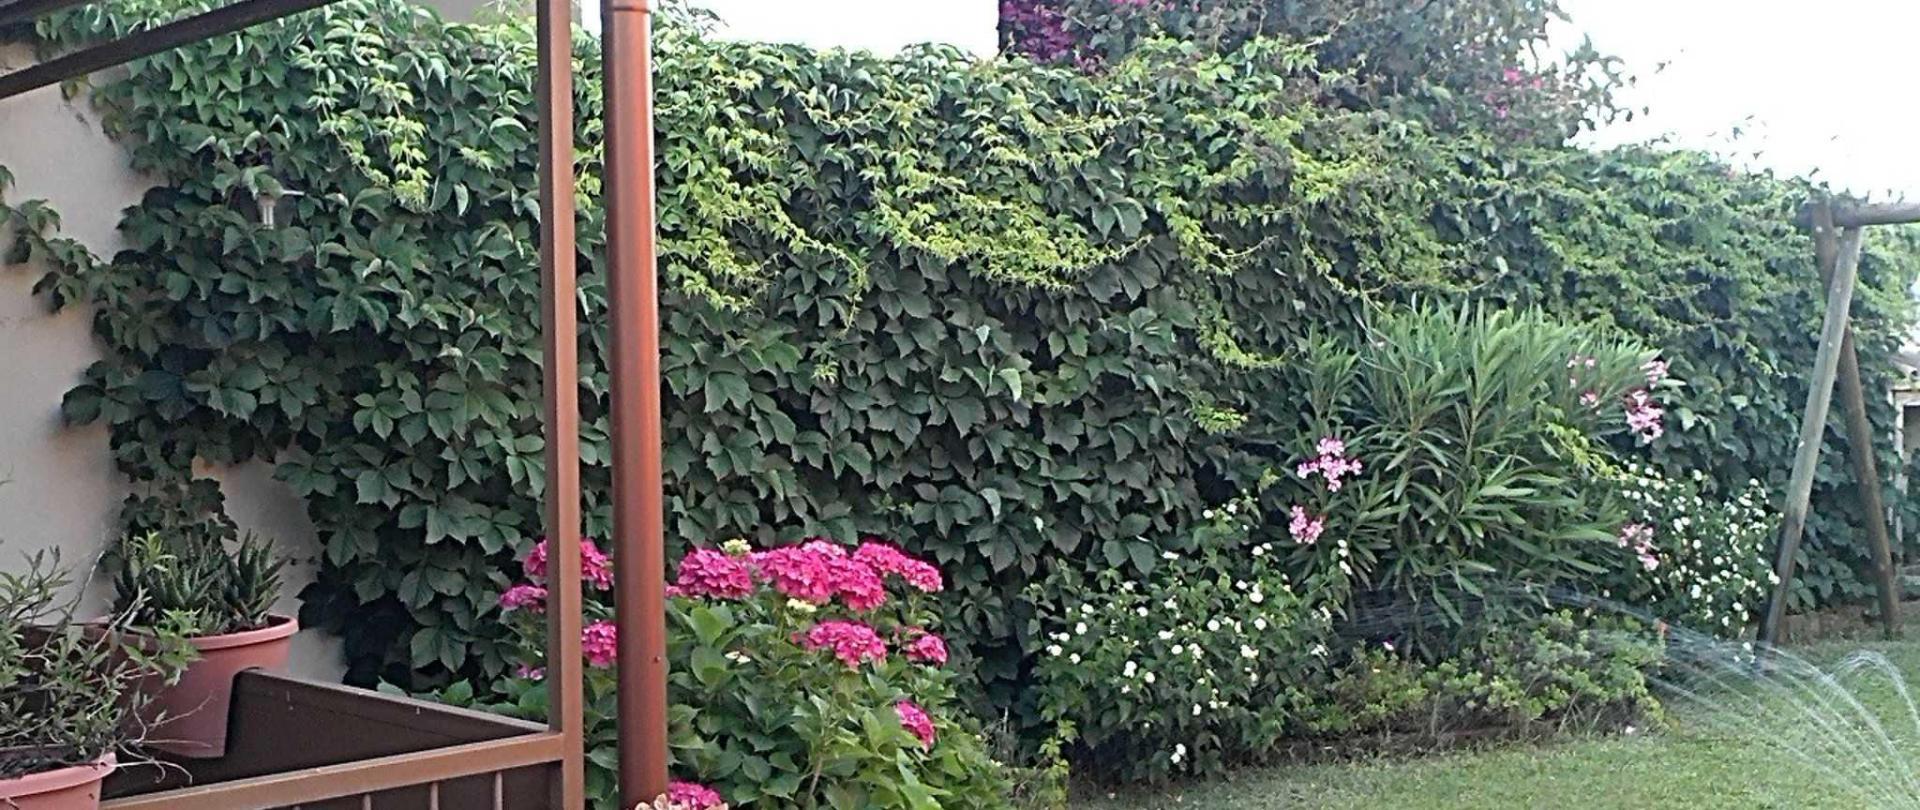 giardino-4.jpg